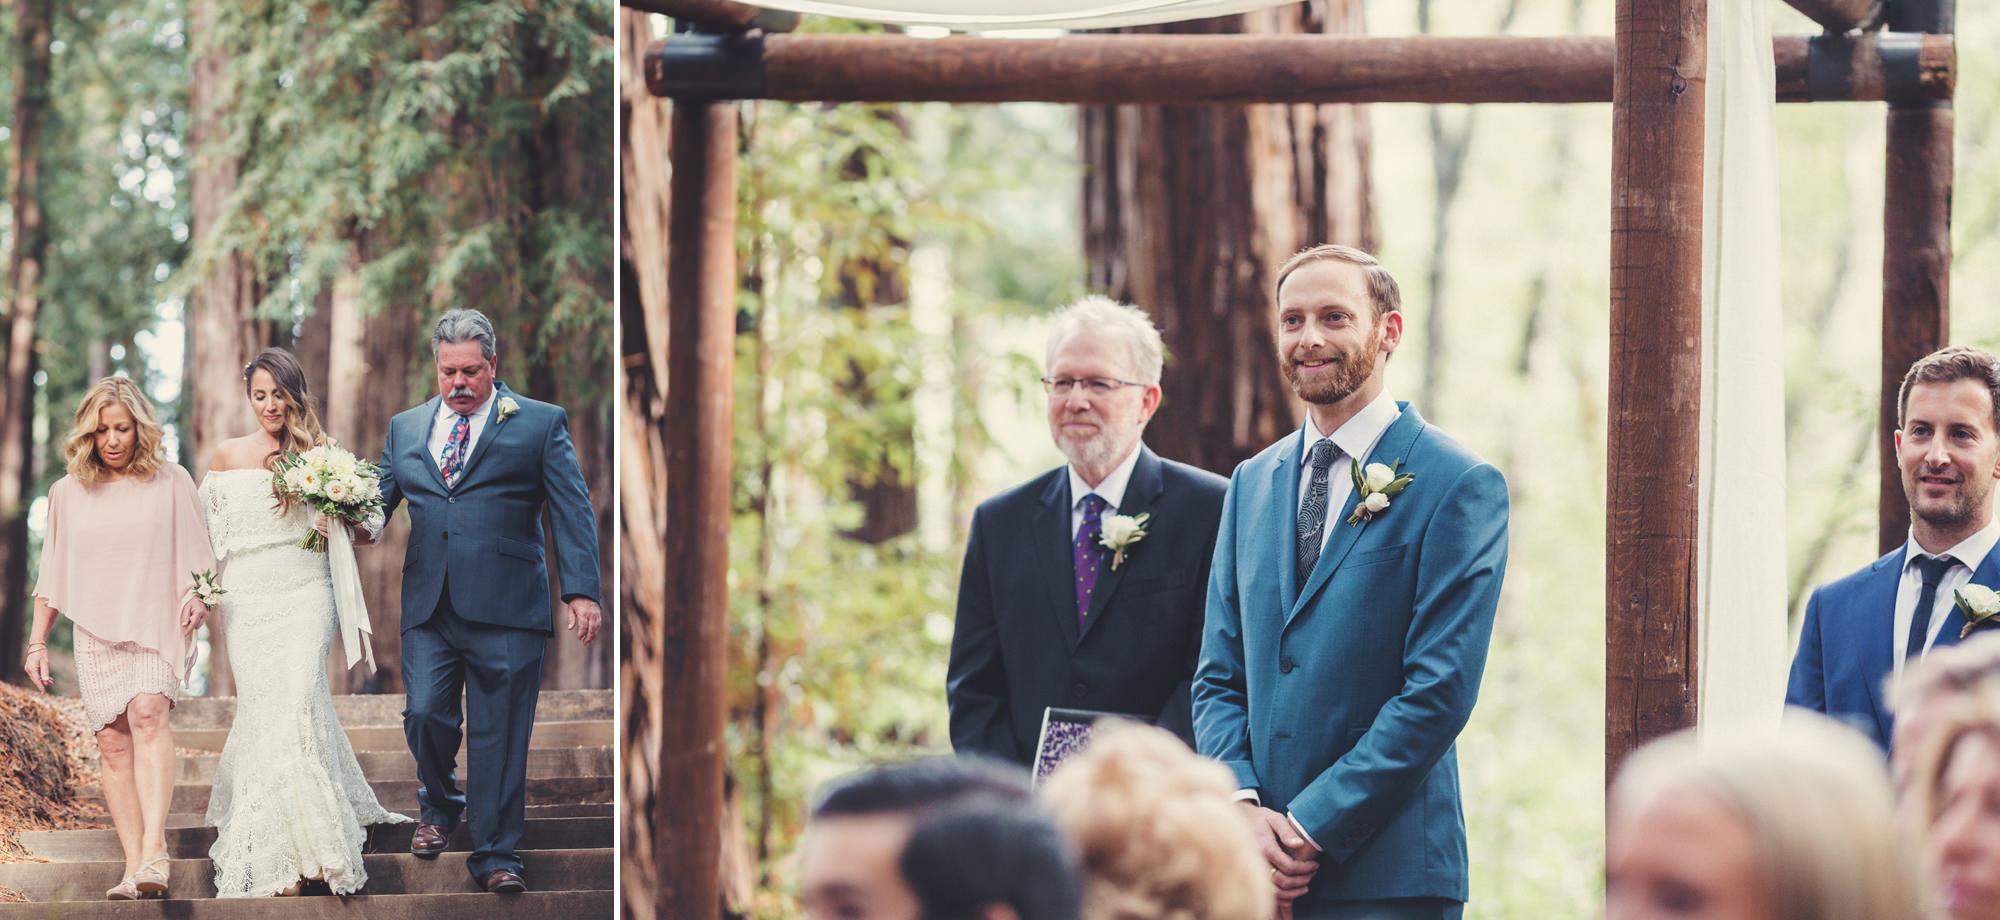 Sequoia Retreat Center Wedding@Anne-Claire Brun 63